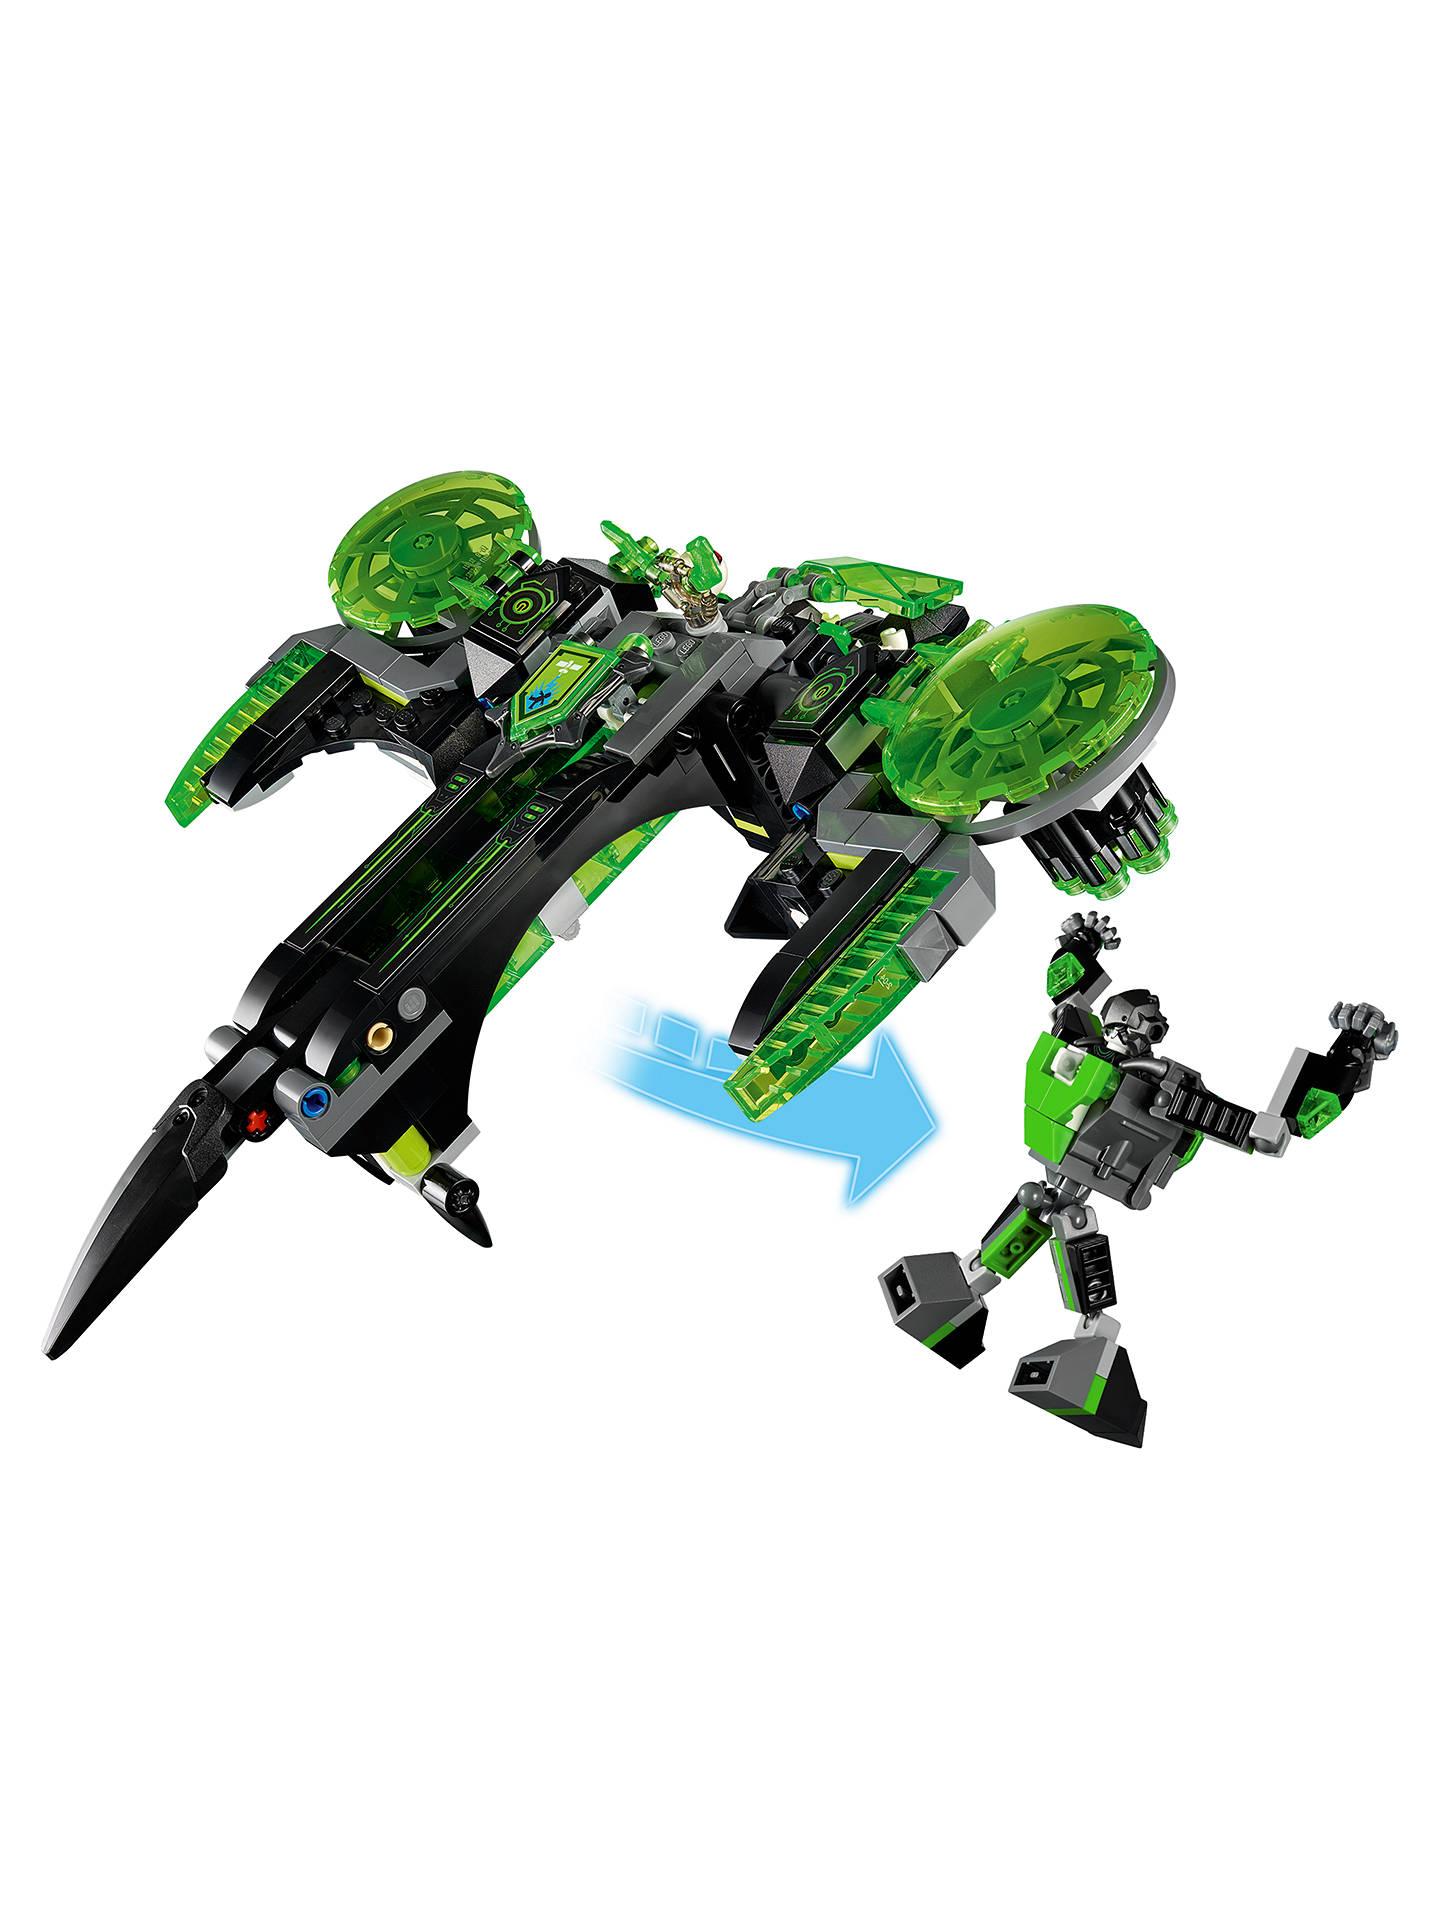 AT LEGO 72003 NEXO KNIGHTS